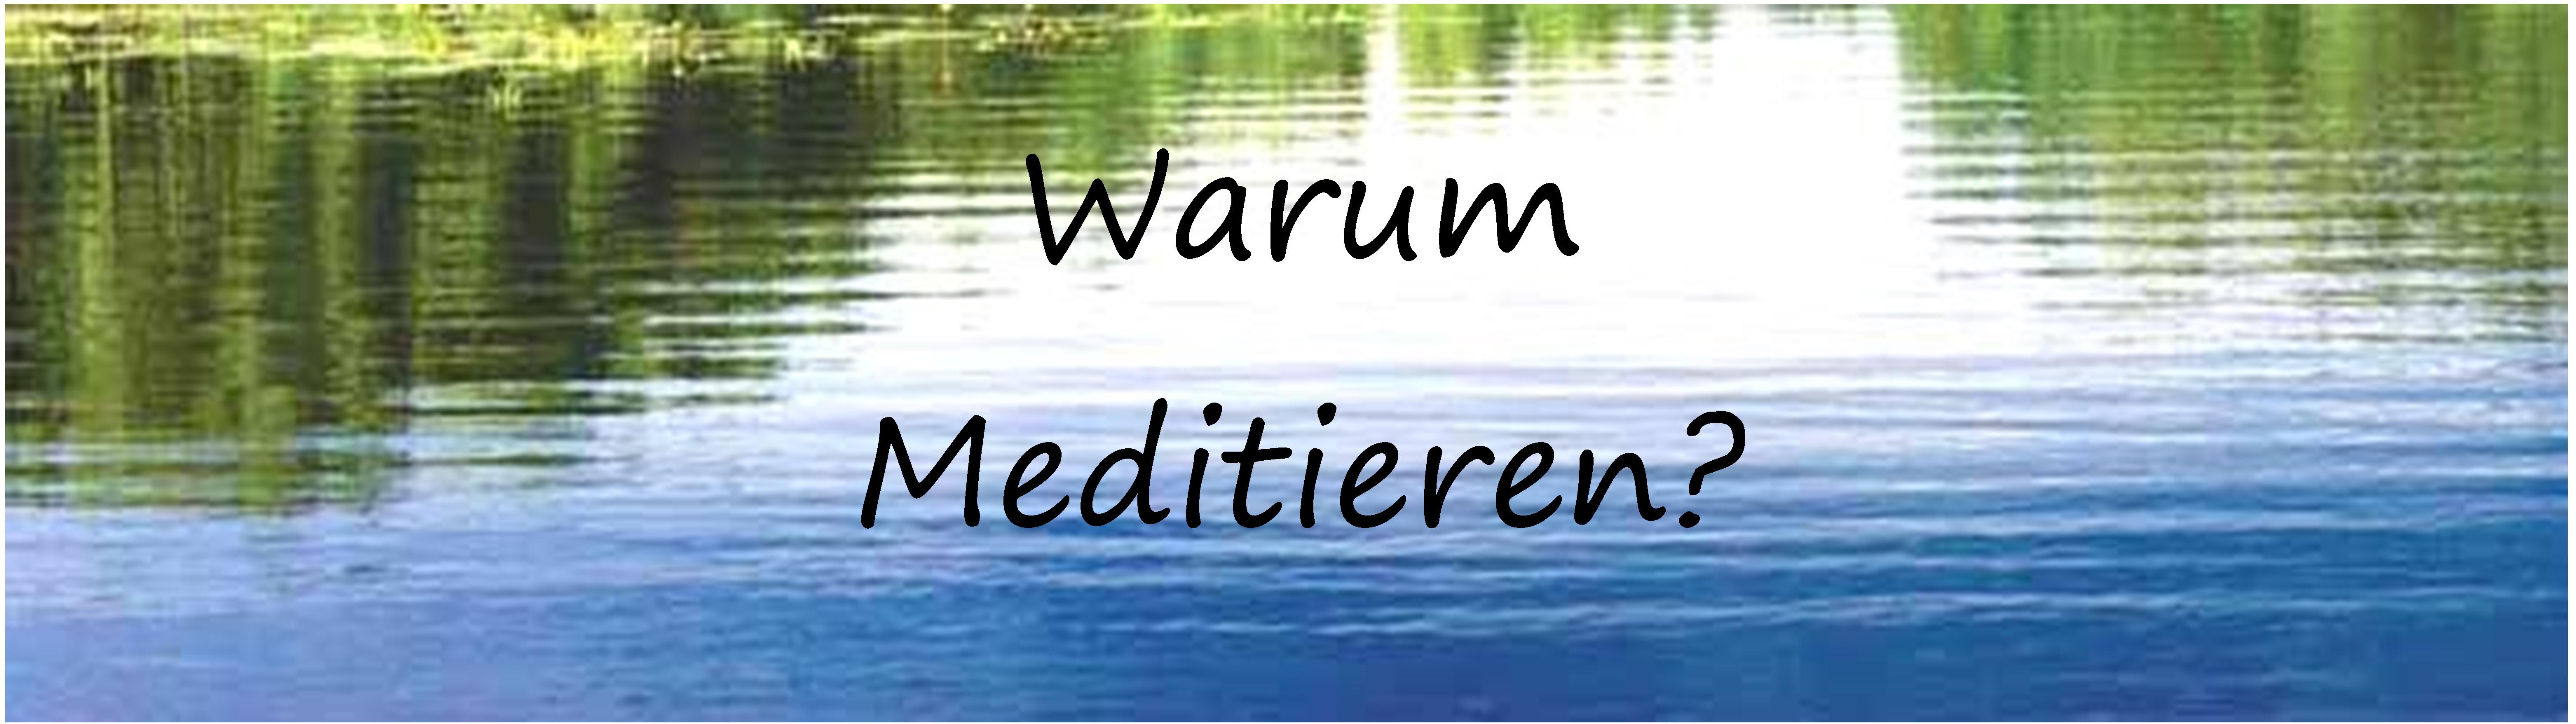 medit. warum